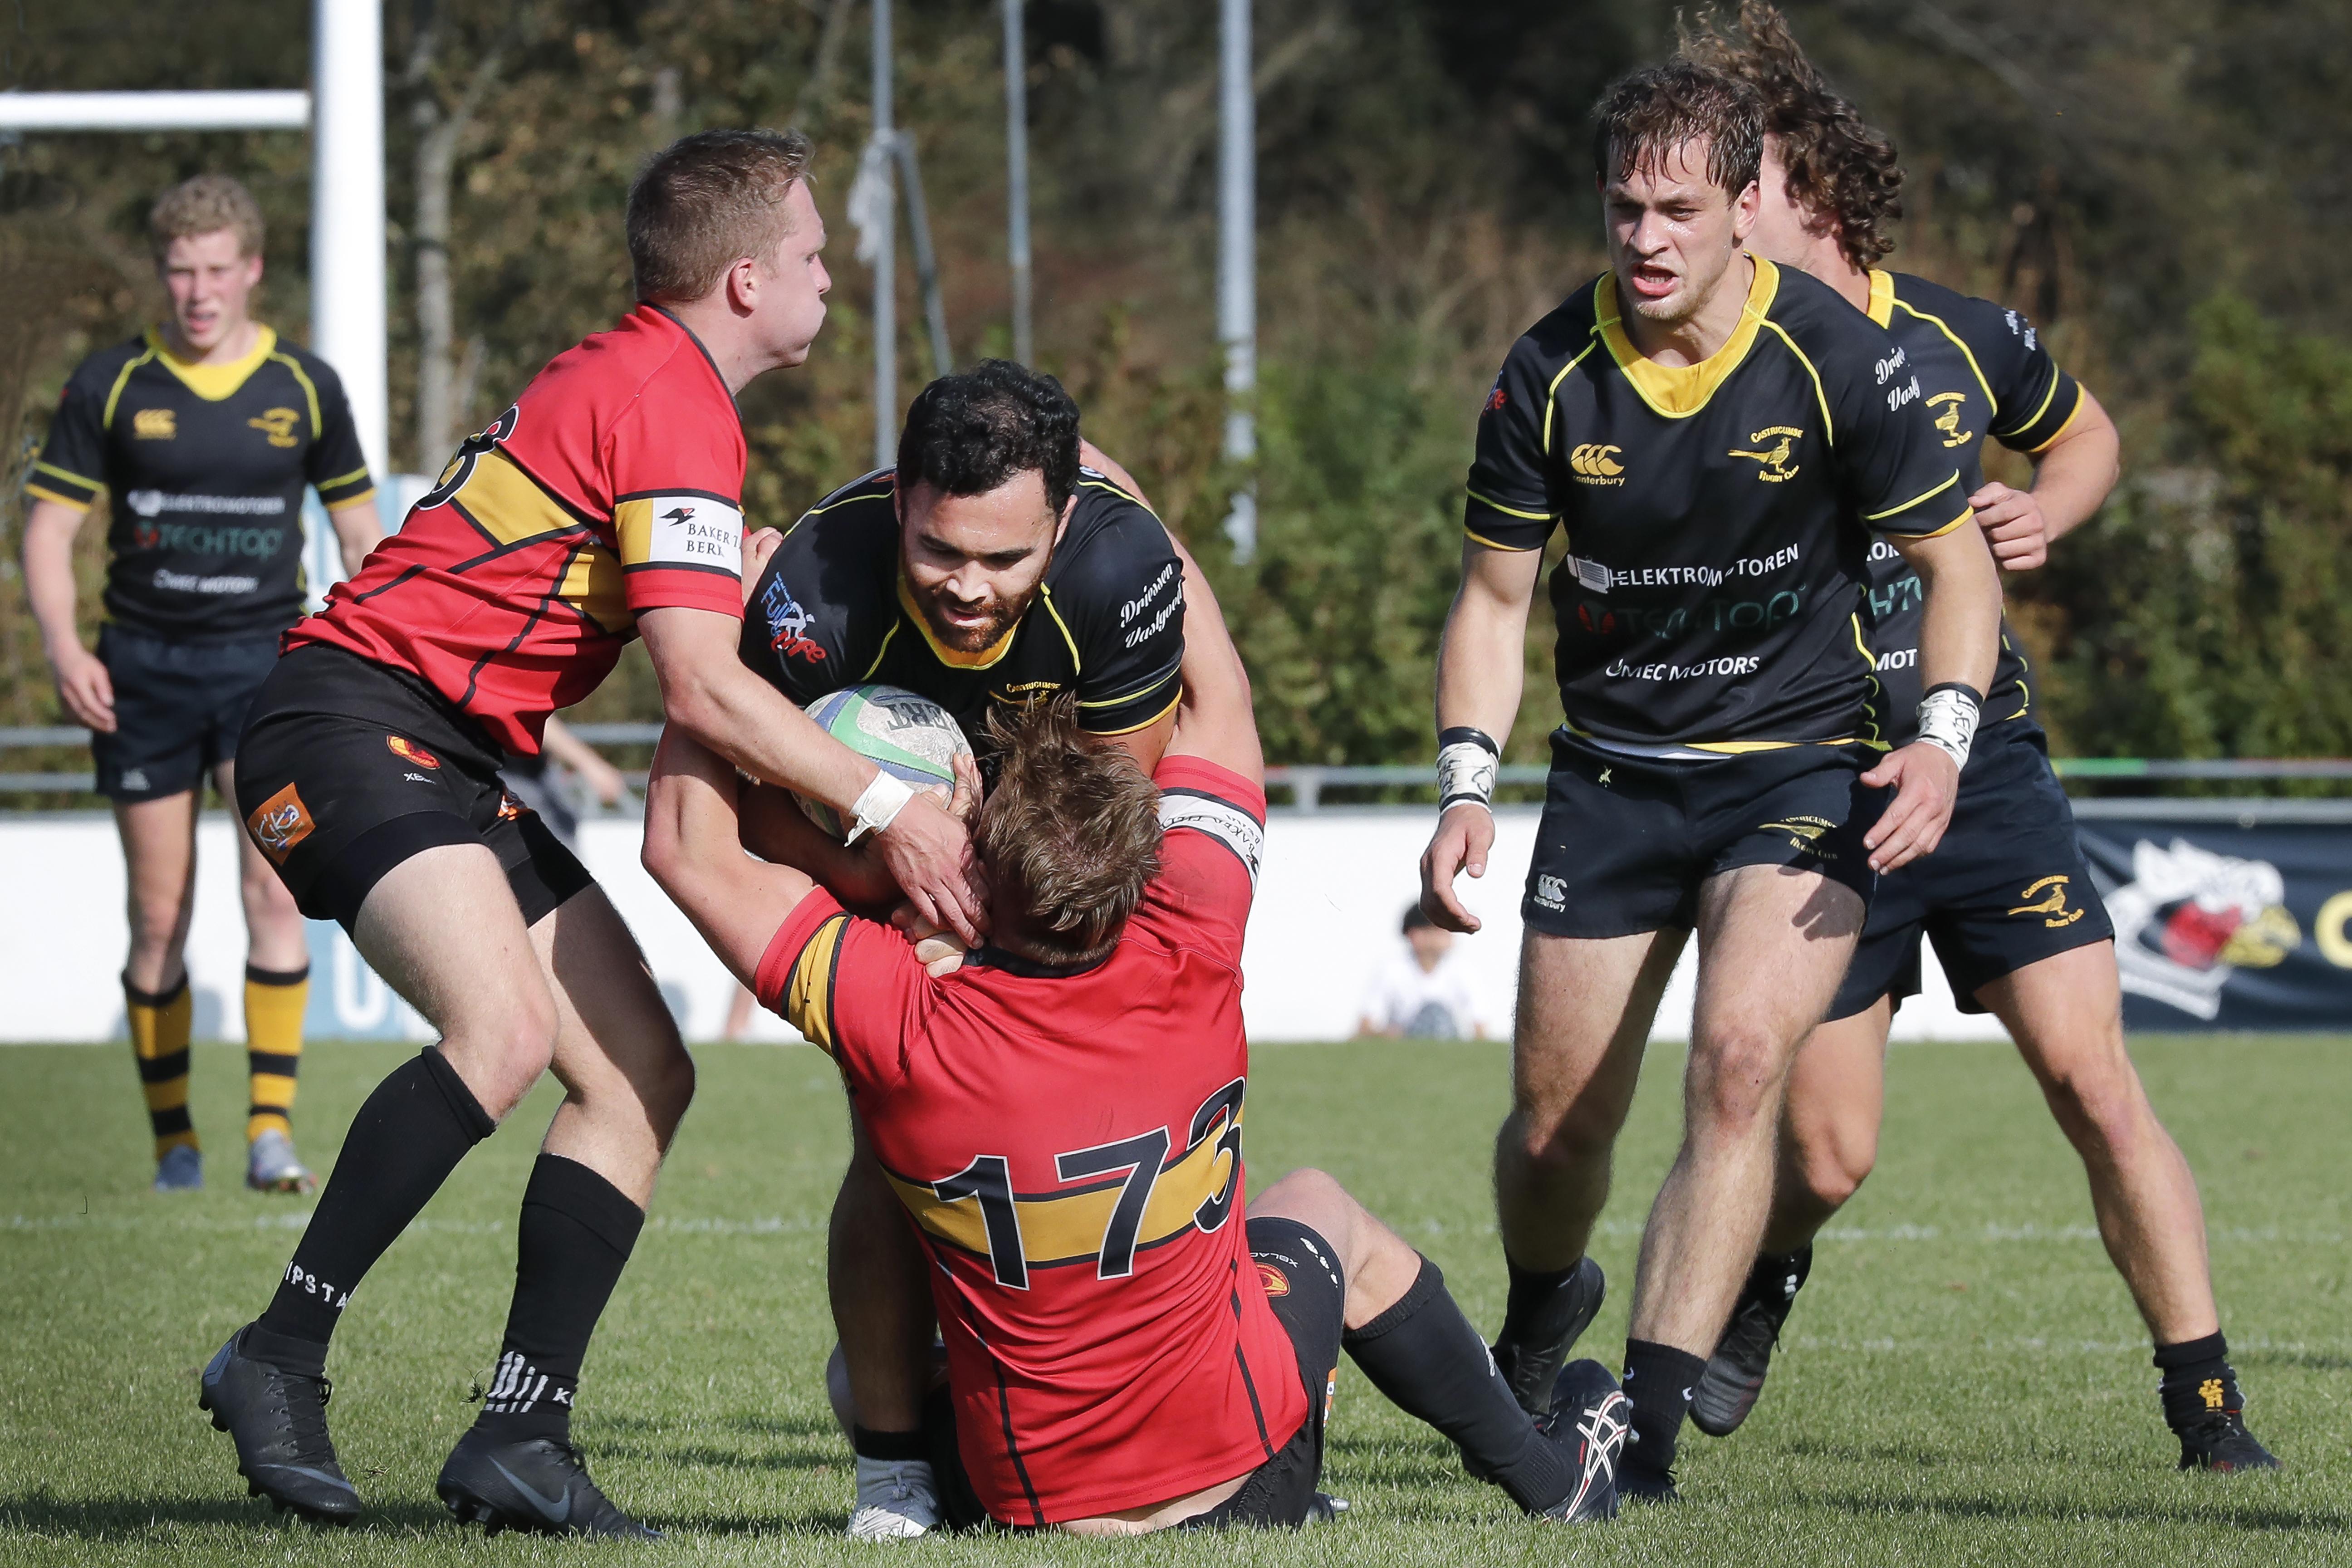 Seizoensopener goede graadmeter voor vorm rugbyers Cas RC: 'We kunnen meteen aan de bak tegen de landskampioen'